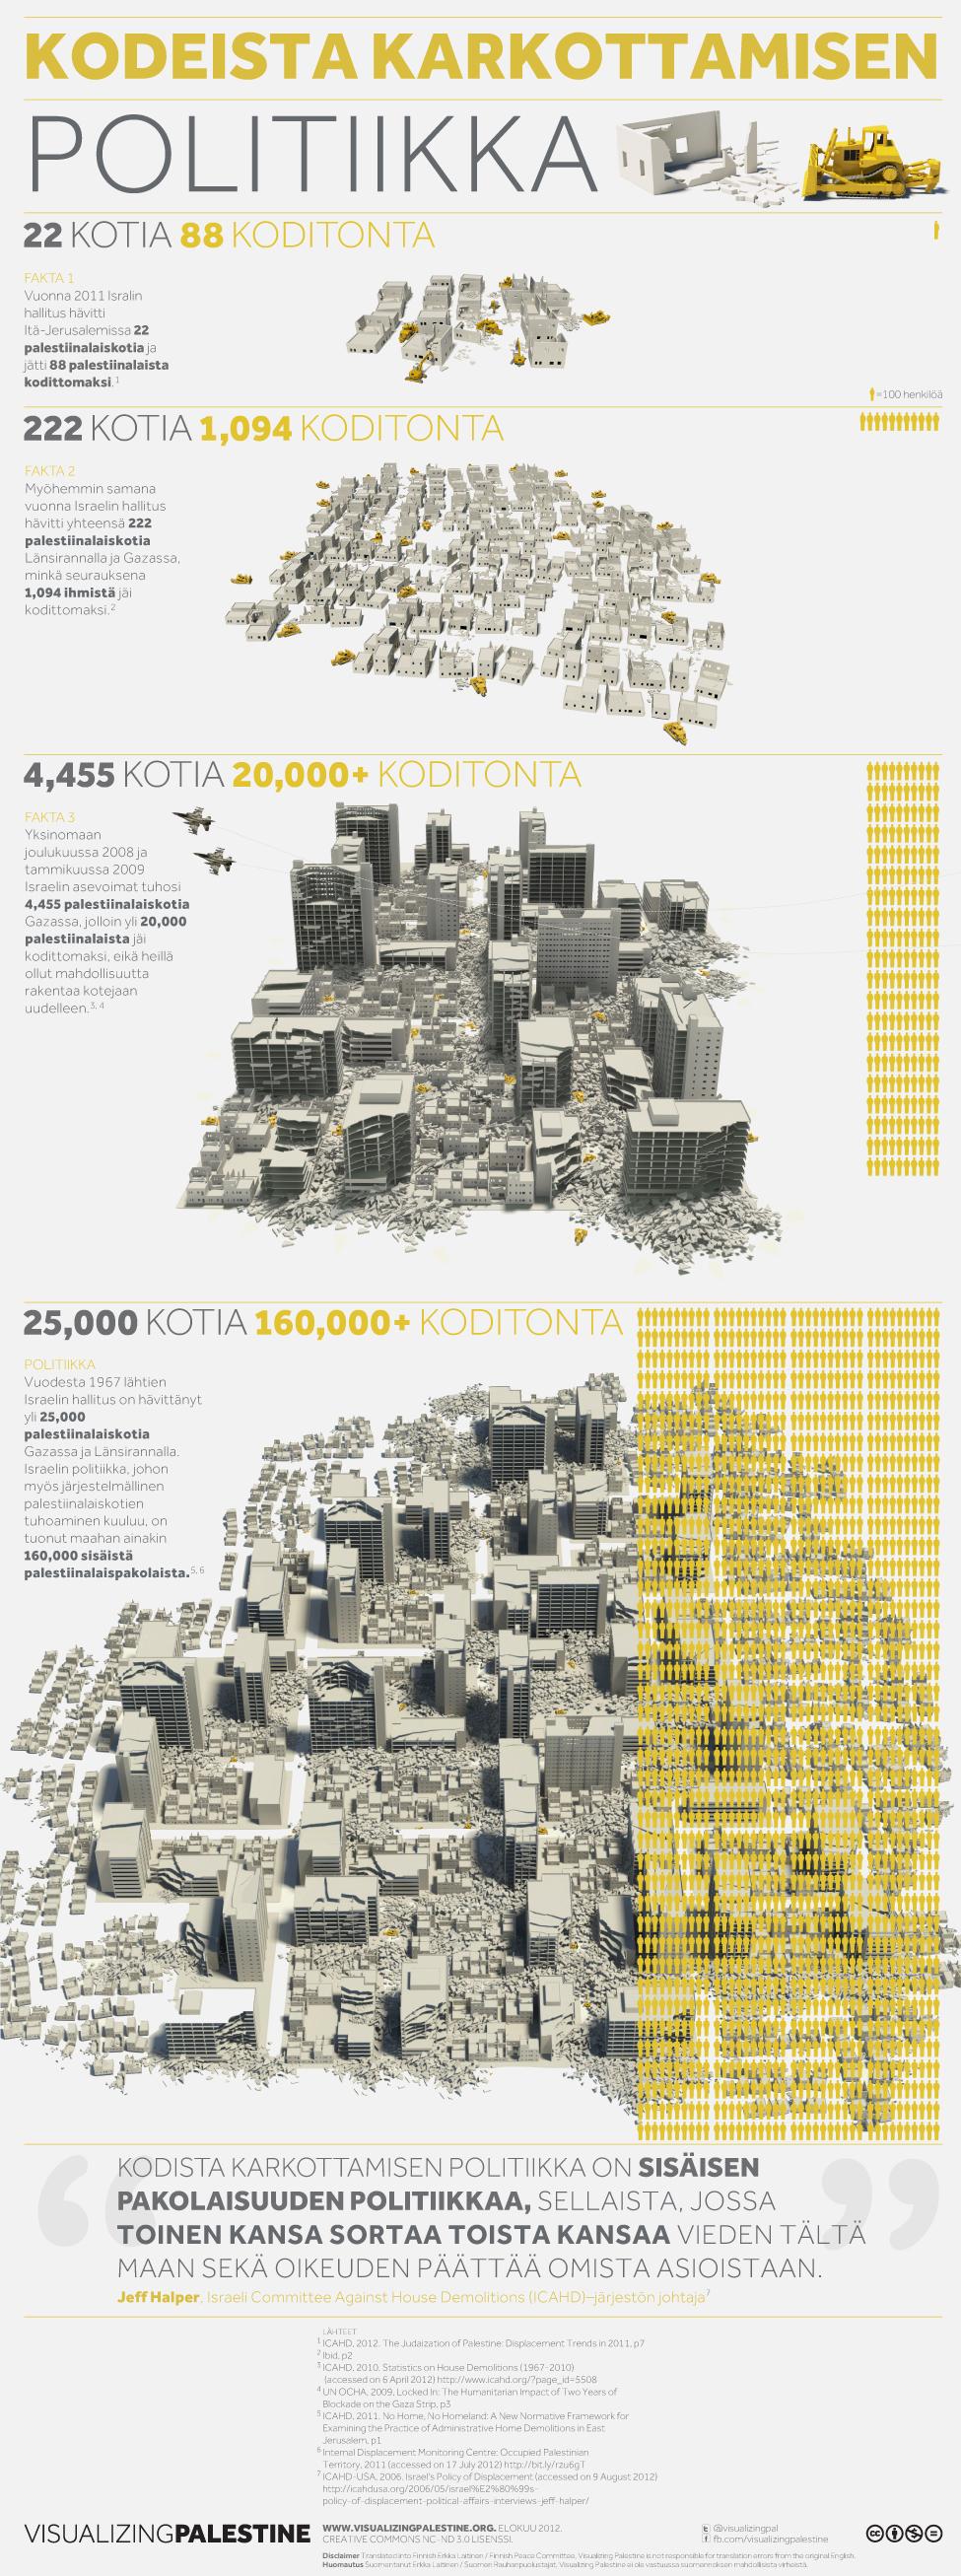 KODEISTA KARKOTTAMISEN POLITIIKKA :Israelin talo purkutyöt Gaza ja West Bank